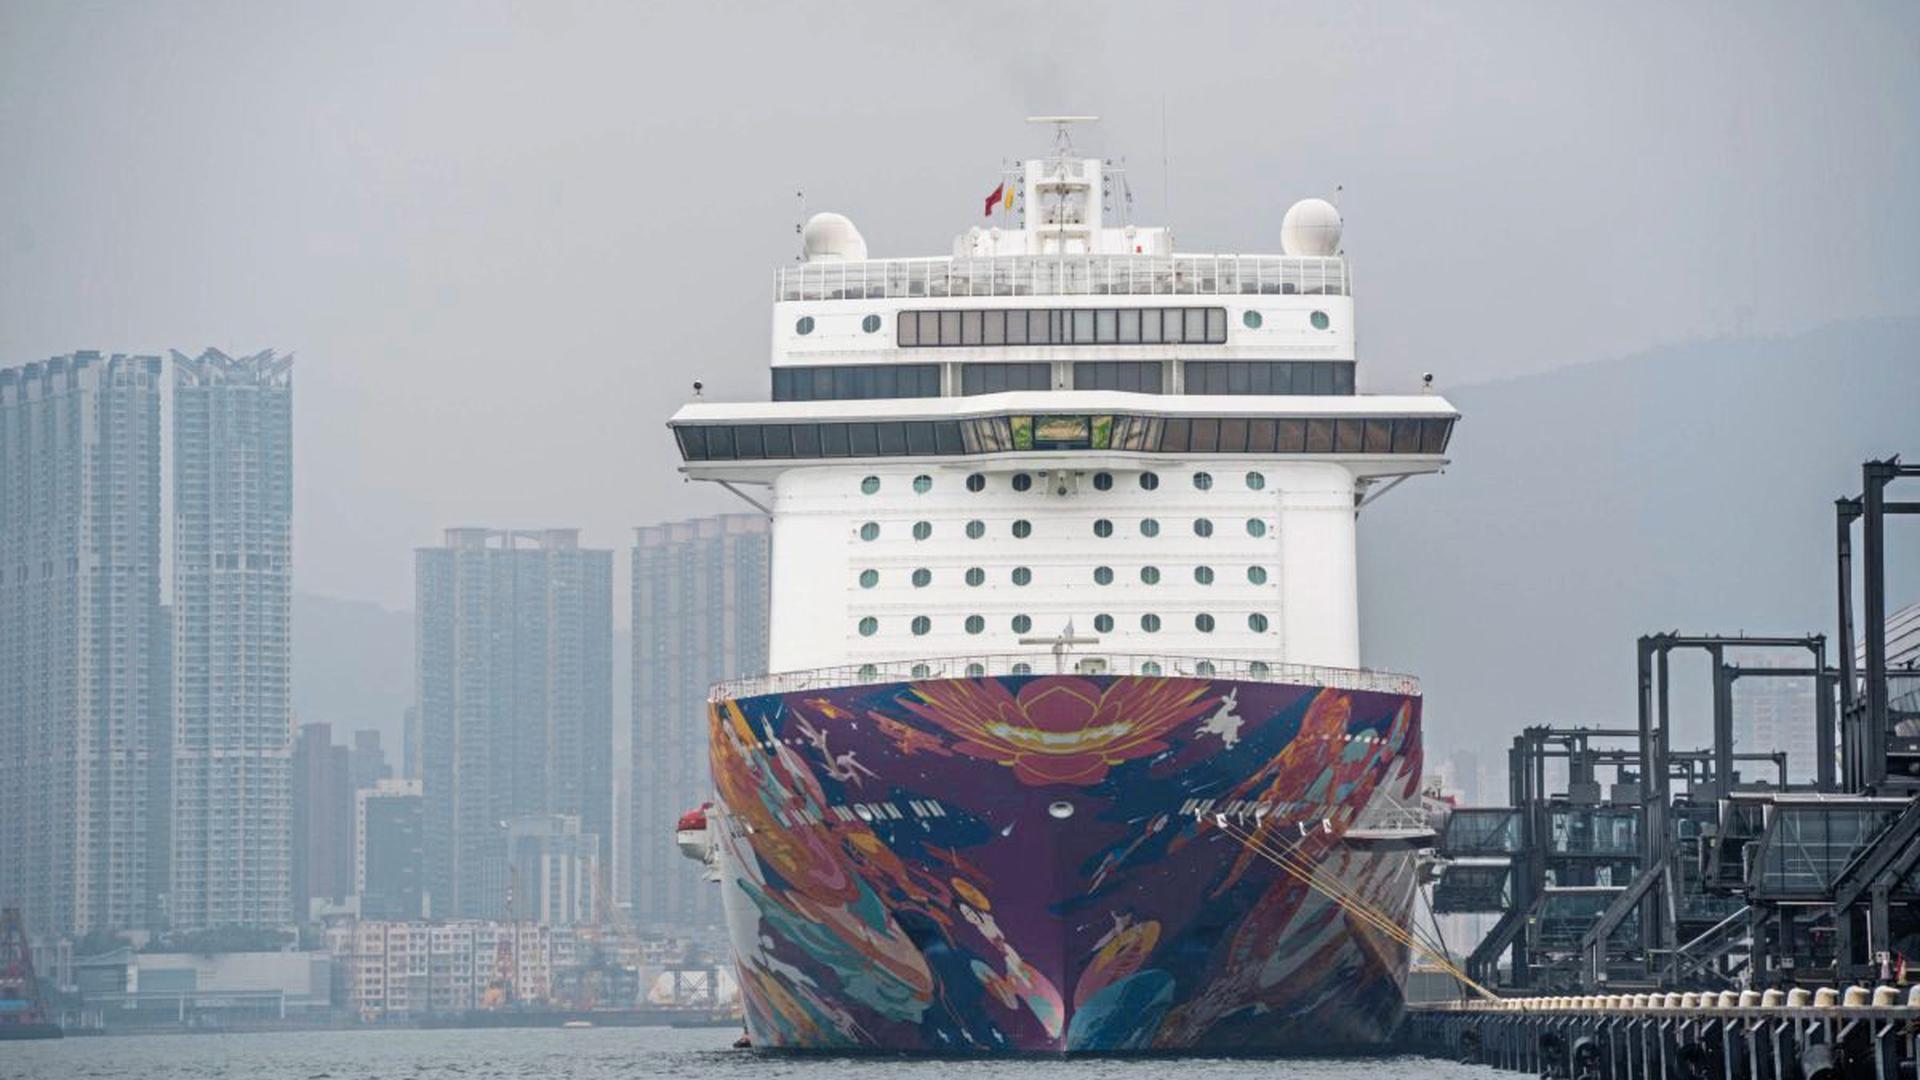 """In Quarantäne: Die """"World Dream"""" liegt in Hongkong, die Gäste dürfen das Schiff nicht verlassen. Auch die """"MS Westerdam"""" legte dort an, durfte aber weiterfahren."""